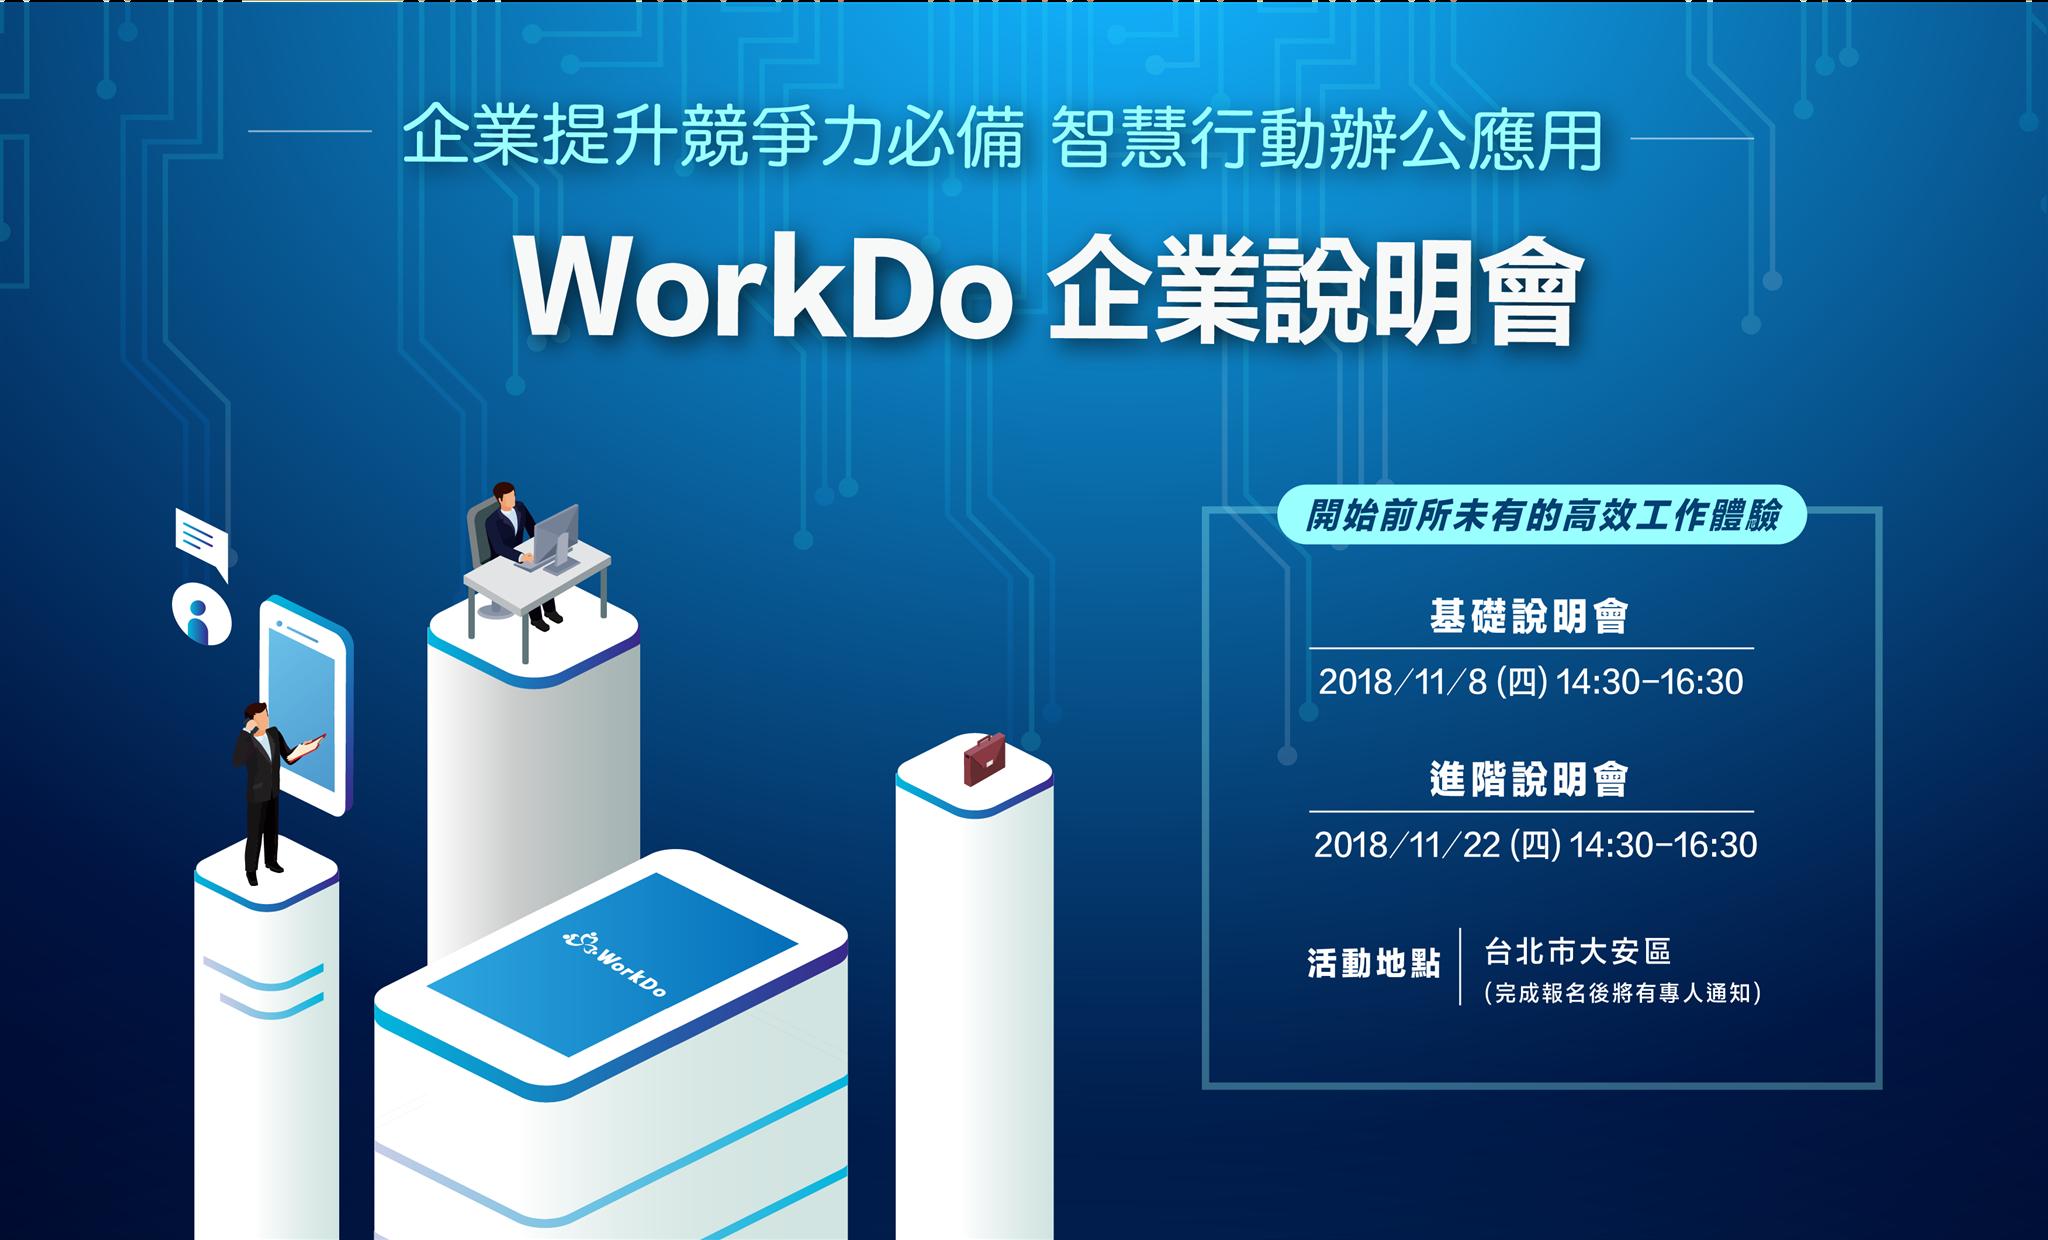 WorkDo,企業協作,行動辦公,企業說明會